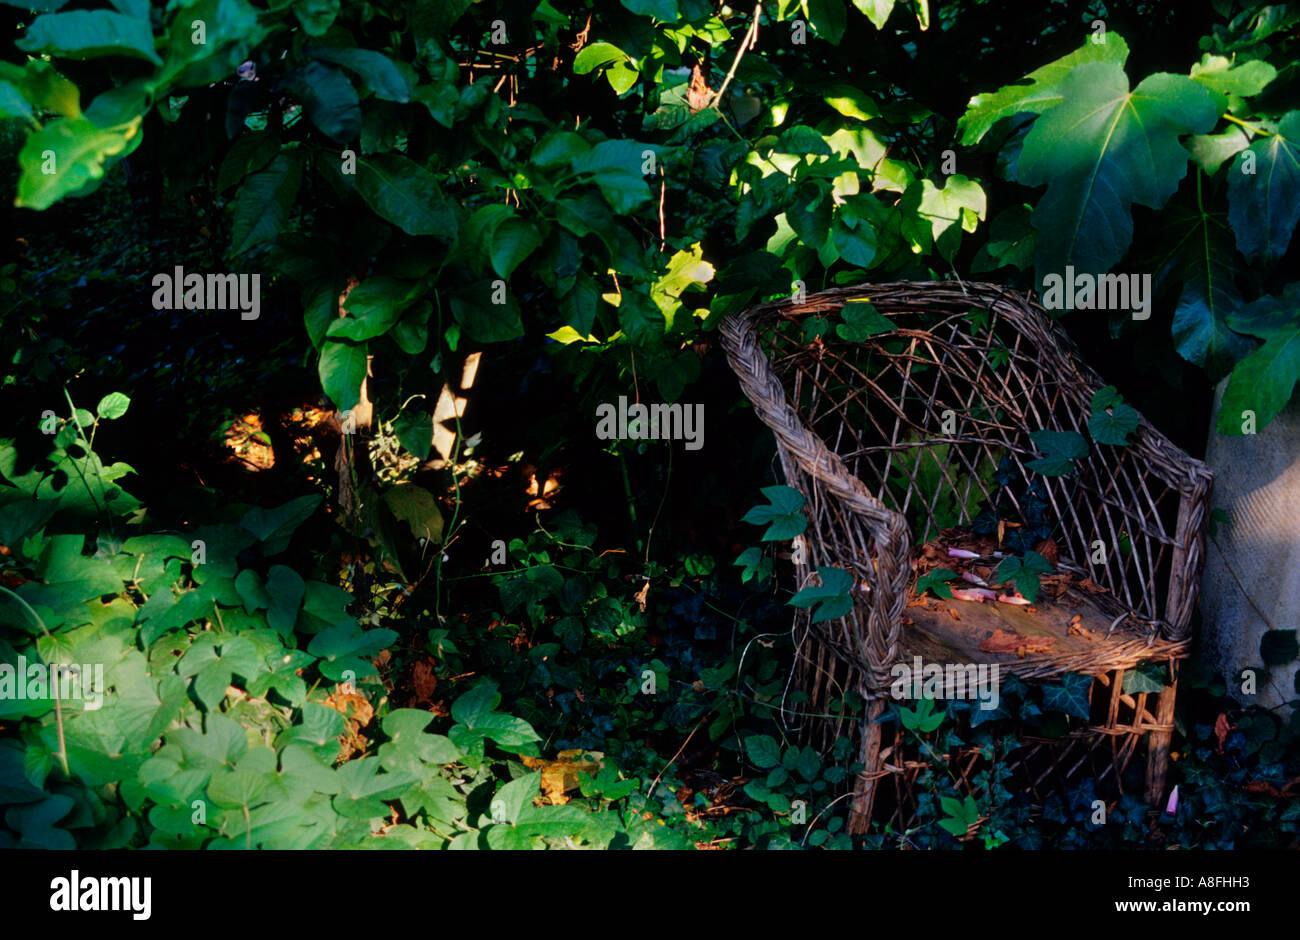 Korbstuhl in einem Garten. Deia. Mallorca. Balearen Islands.Spain Stockbild